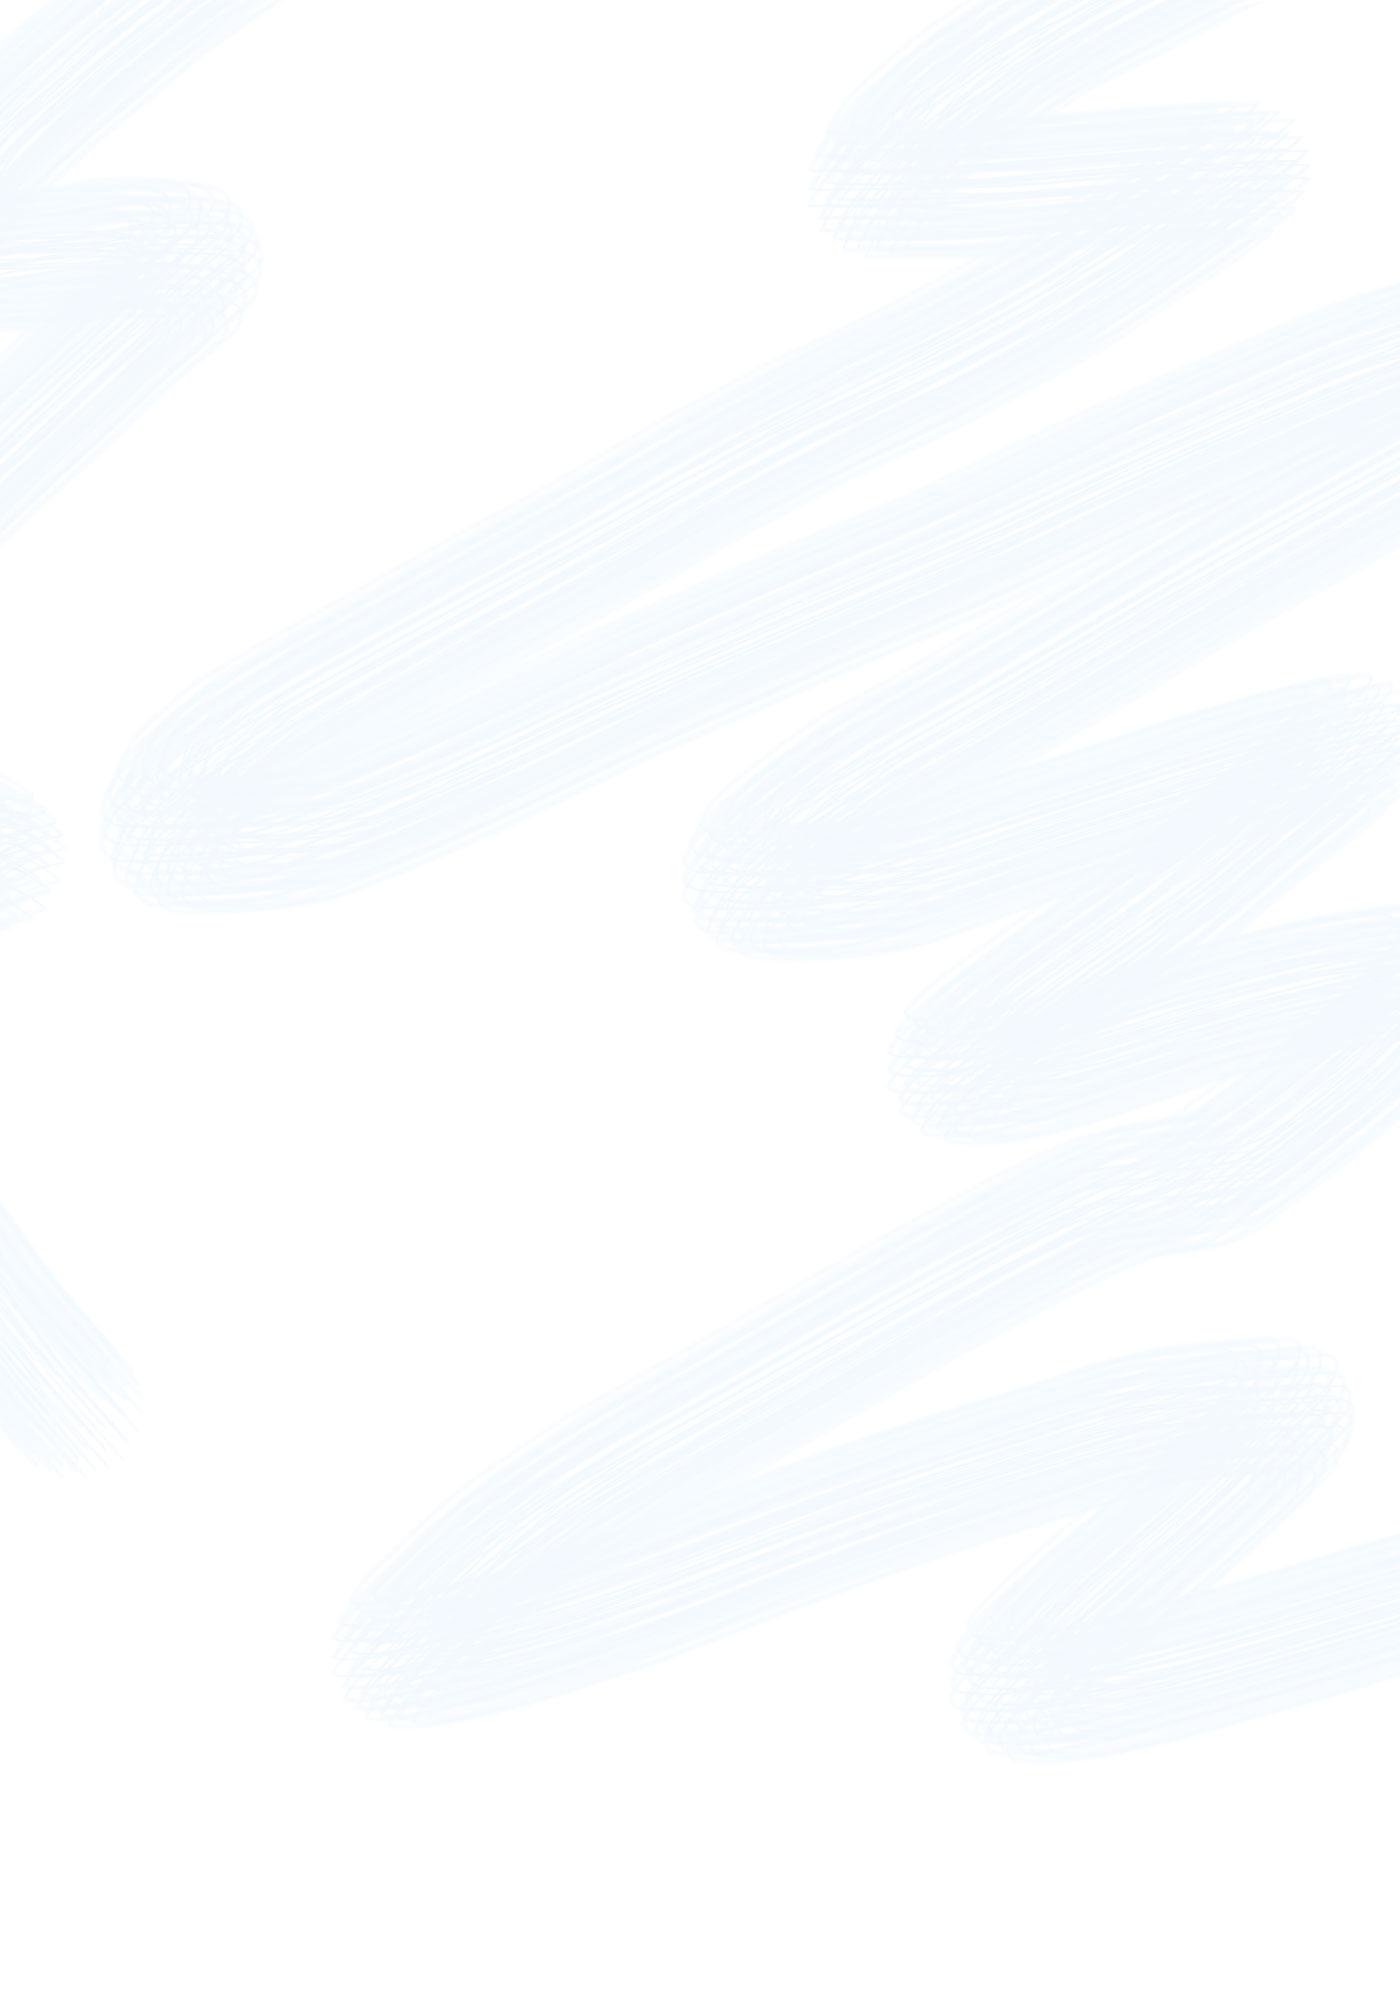 Hintergrund-hell.jpg